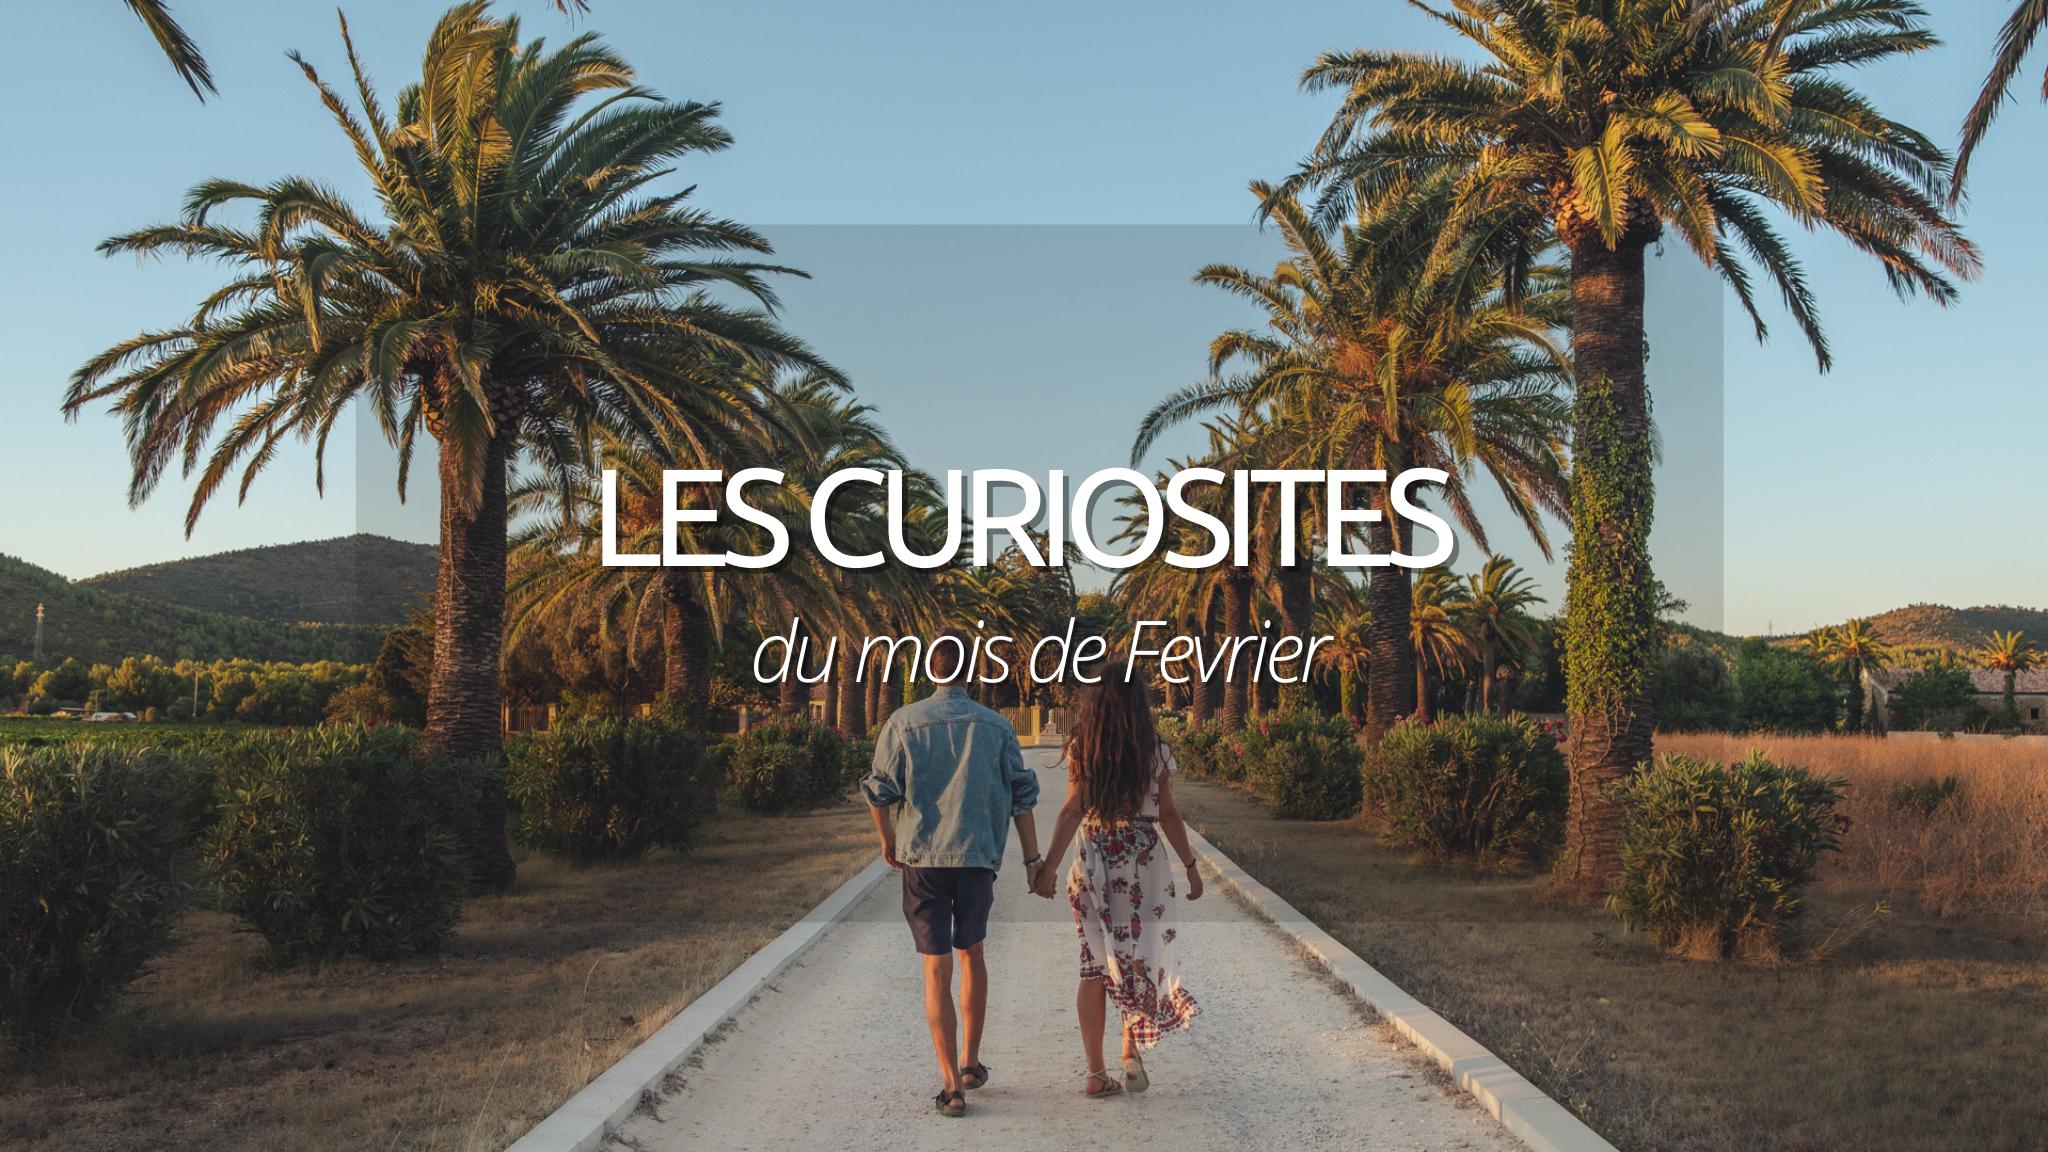 N°5 : Les curiosités de Fevrier